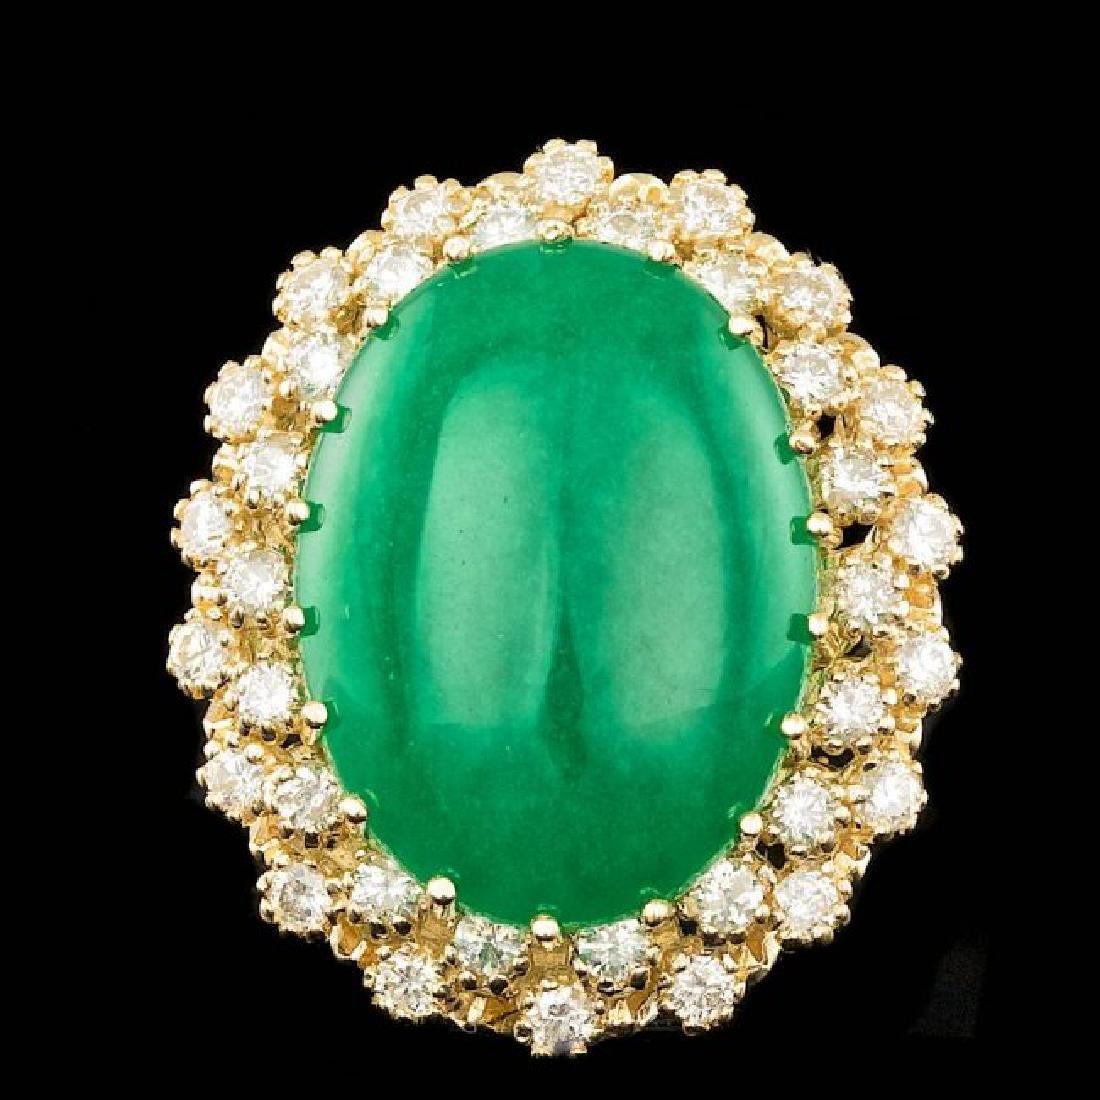 14k Yellow Gold 13.50ct Jade 1.30ct Diamond Ring